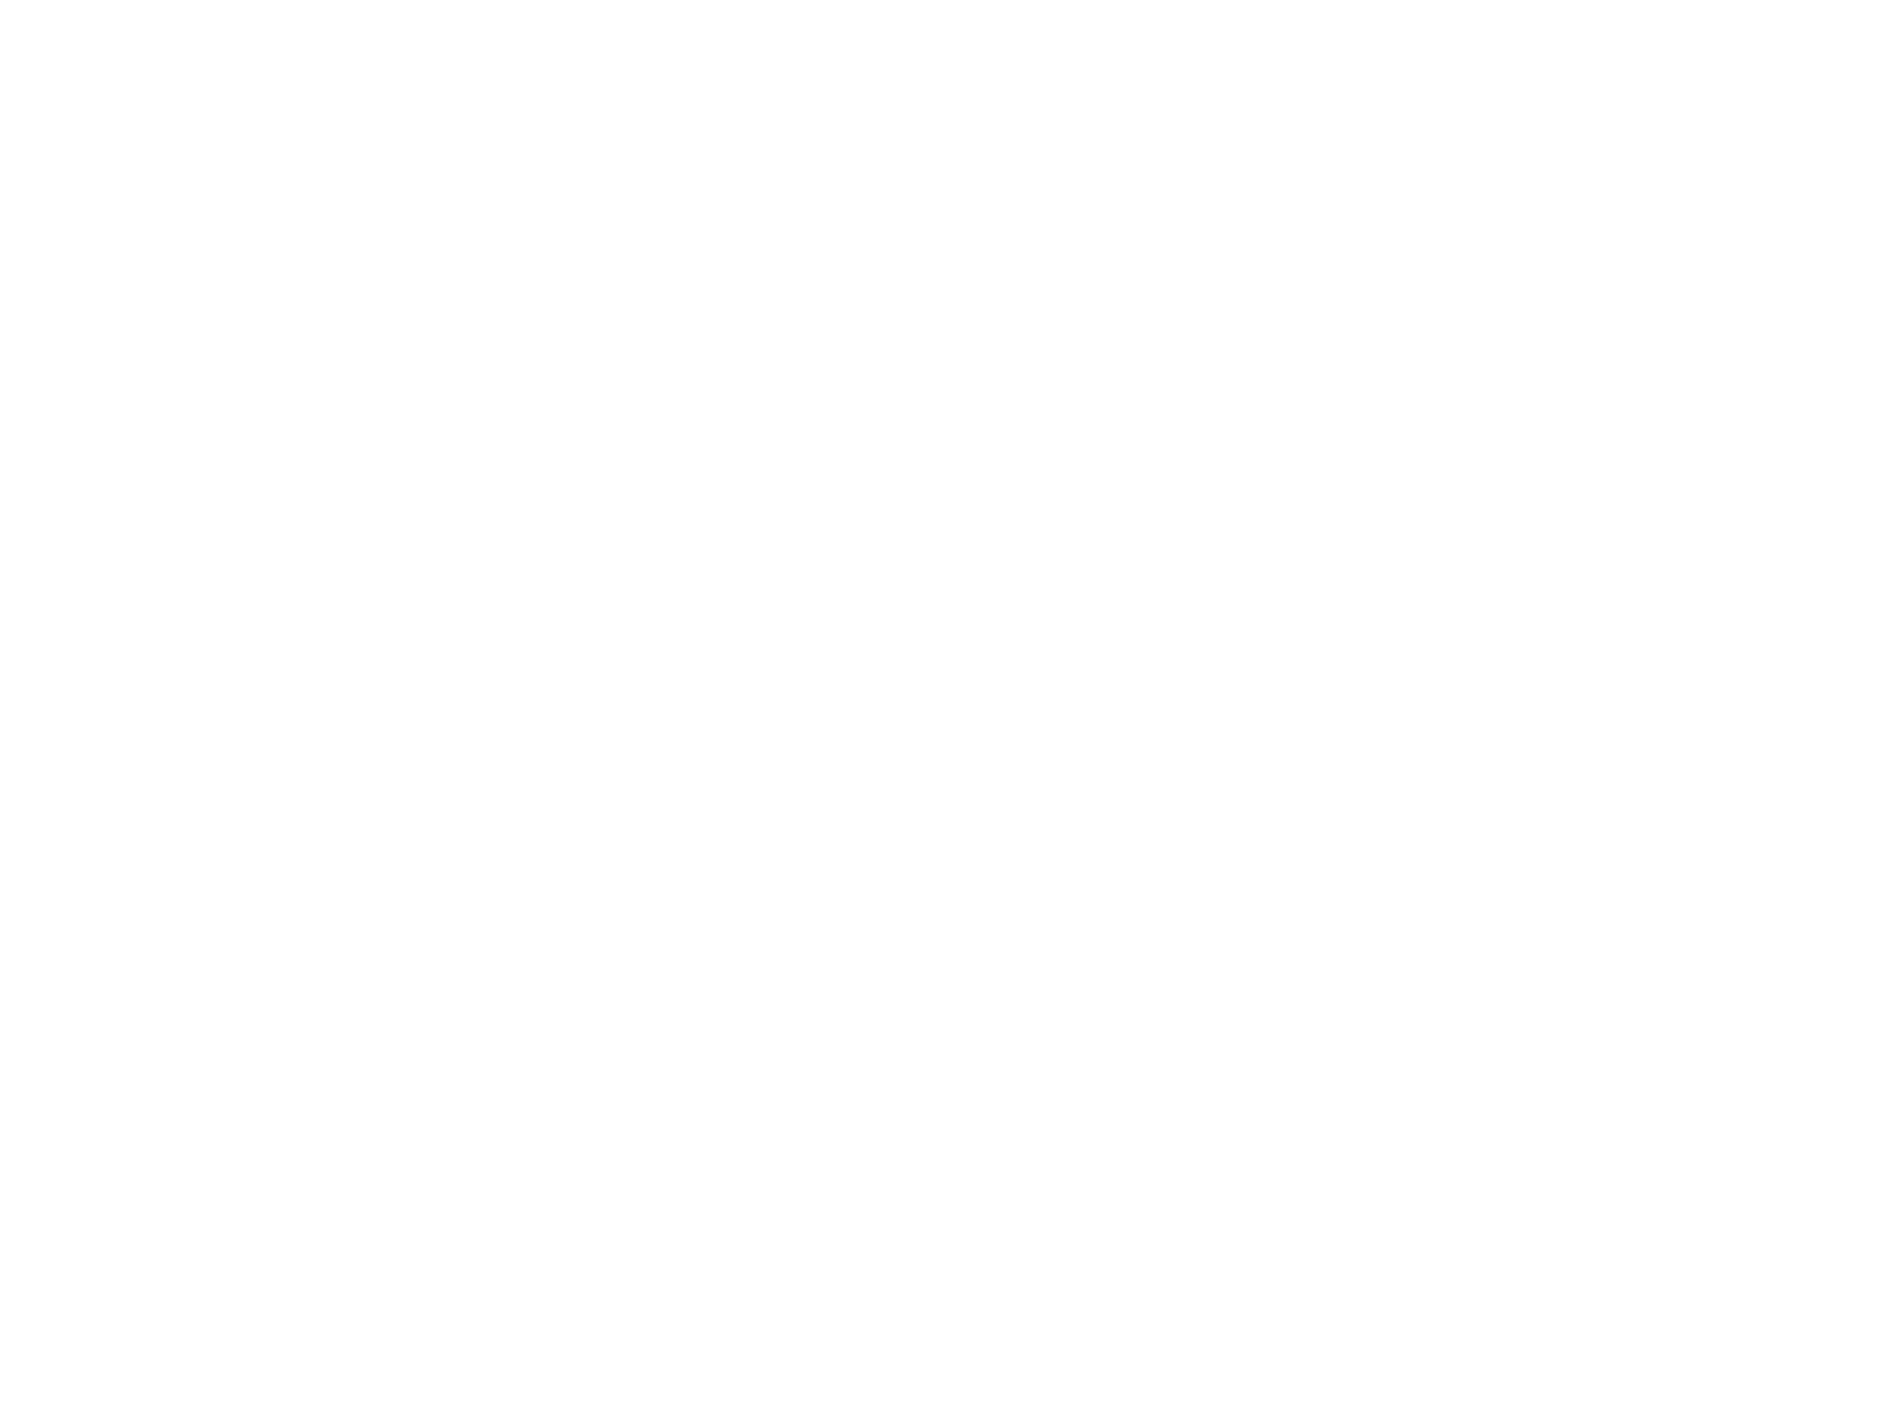 RYAN WIBOWO